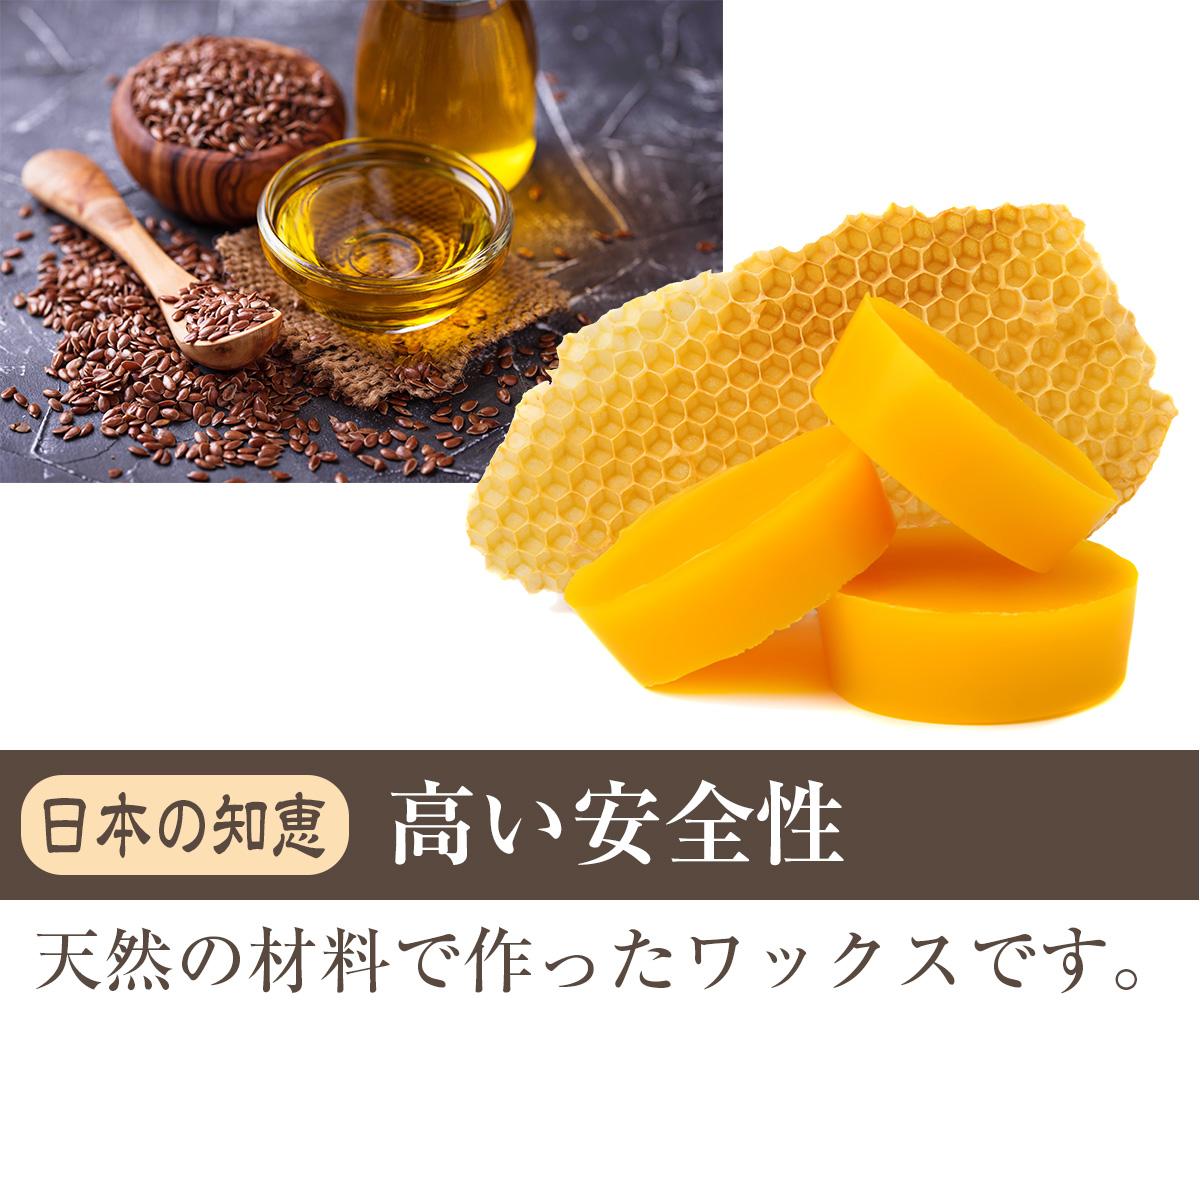 蜜蝋ワックスは天然の材料で作っており、安全性の高いワックスです